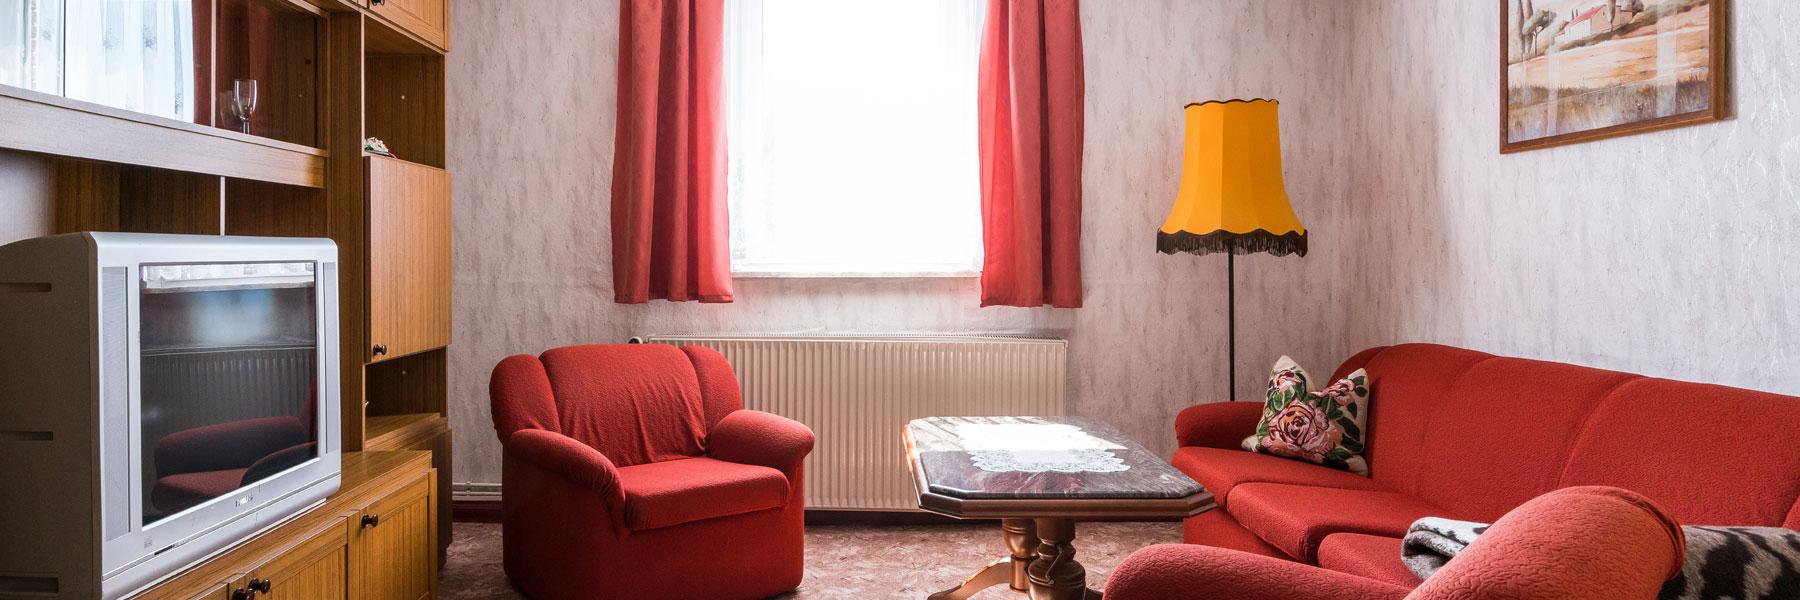 Wohnzimmer - Ferienwohnung Willi Werner